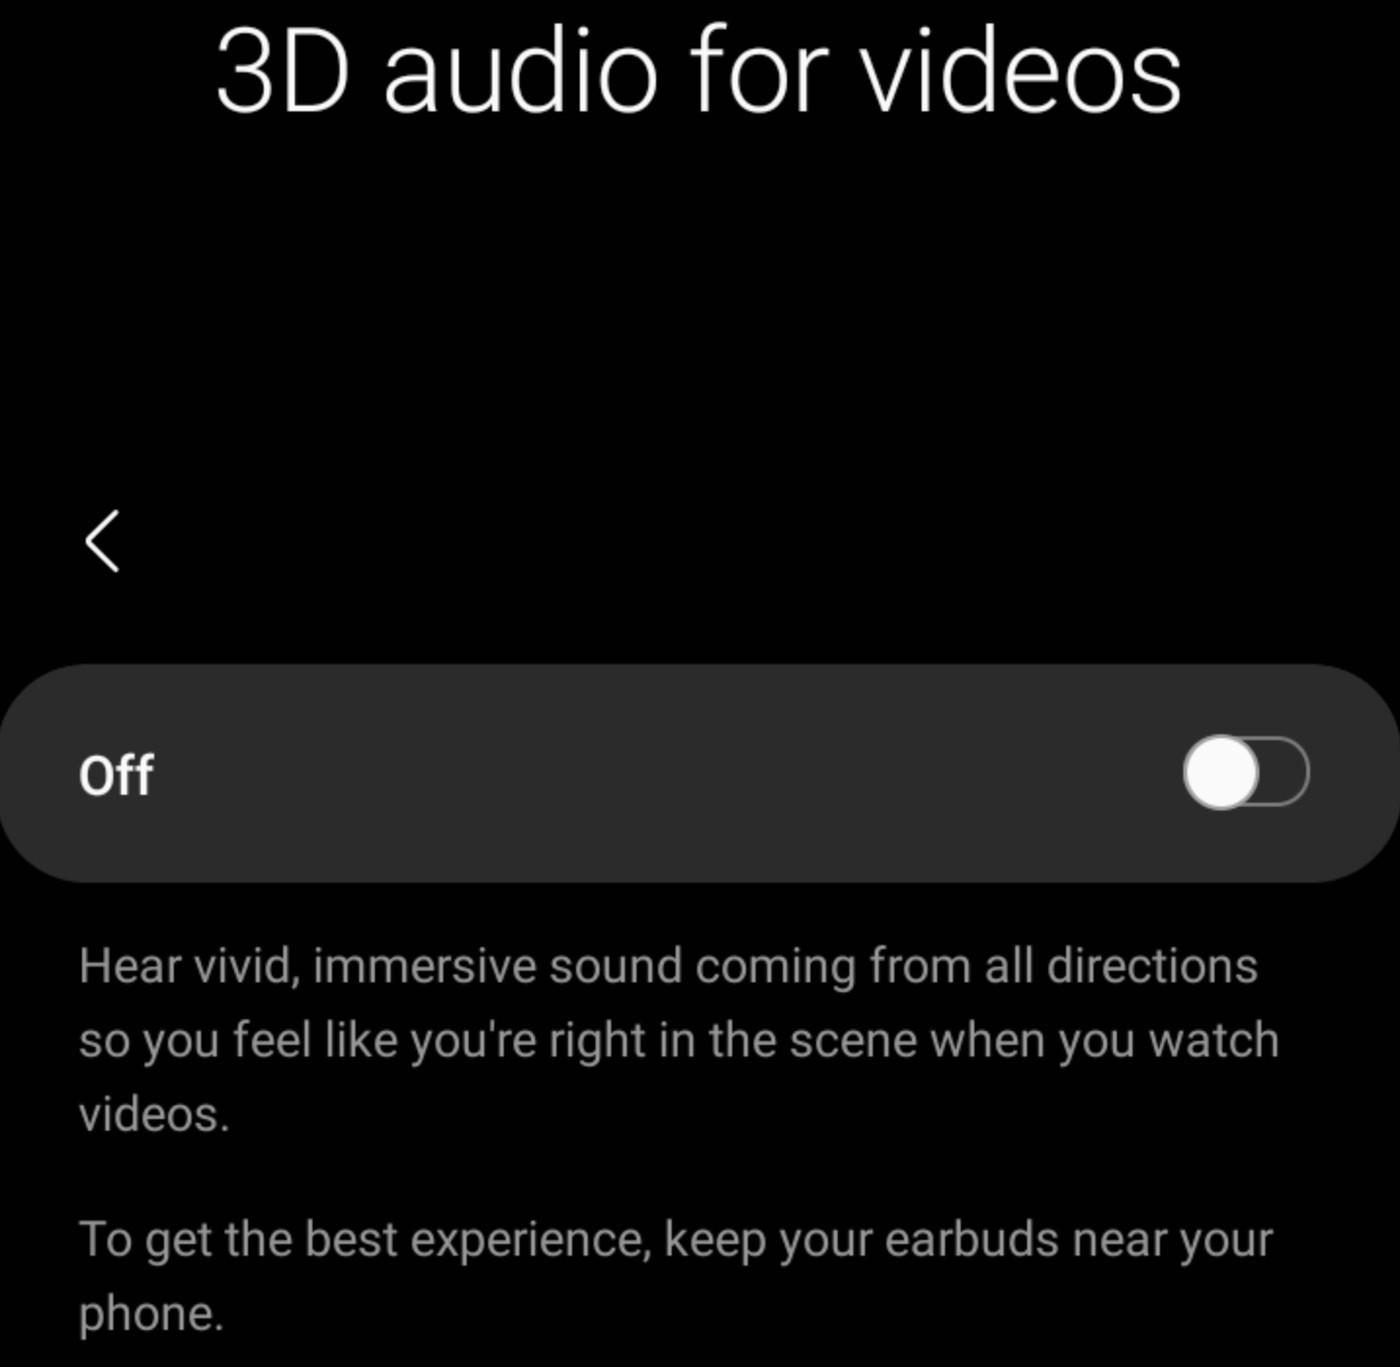 Samsung Galaxy Buds Pro sẽ có chế độ âm thanh không gian 3D cùng nhiều tính năng hữu ích khác